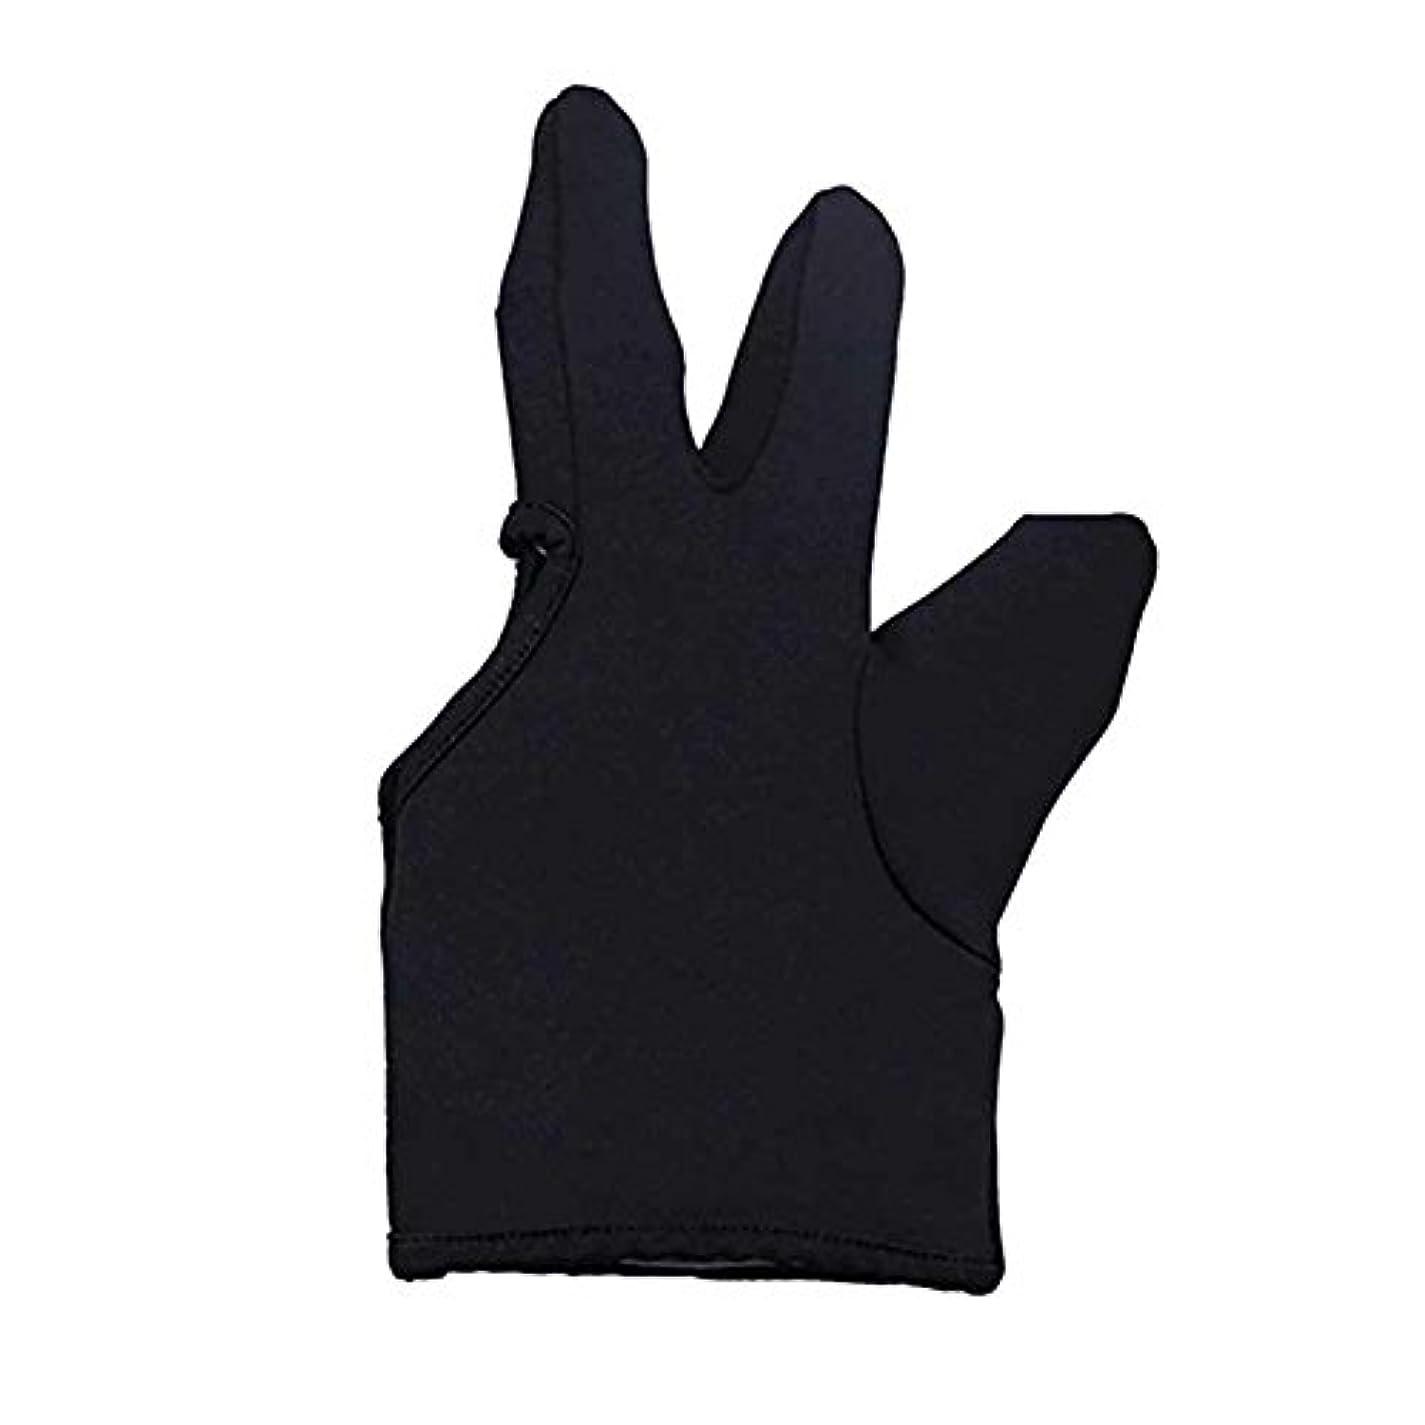 ストッキング土曜日嫌悪Liebeye 3本の指耐熱フィンガー保護手袋 ヘアスタイリングツール